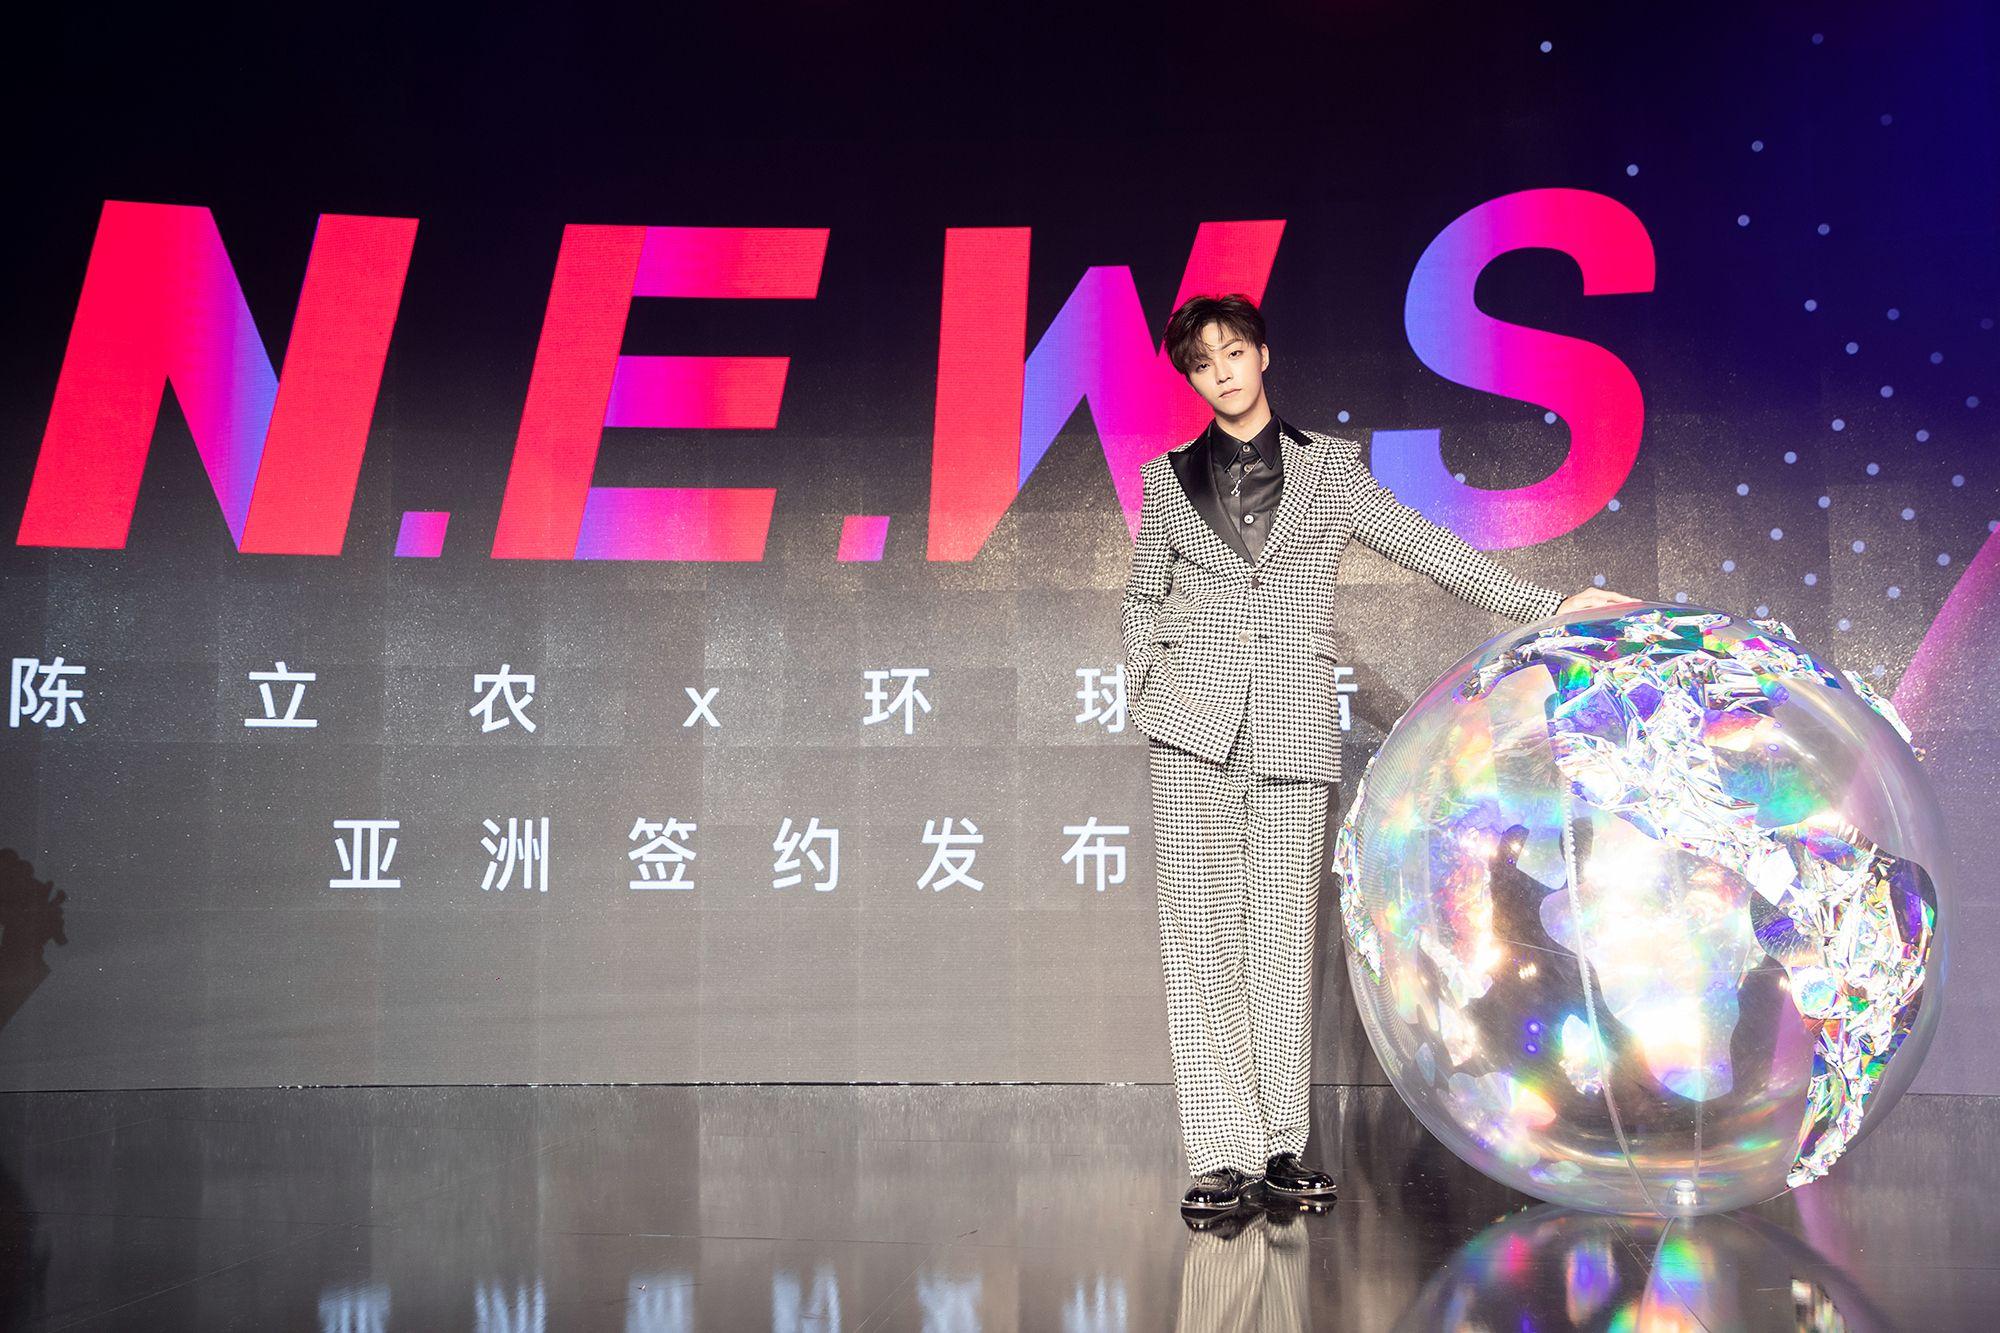 陈立农签约环球音乐筹备新专辑,私下爱唱陈奕迅的歌